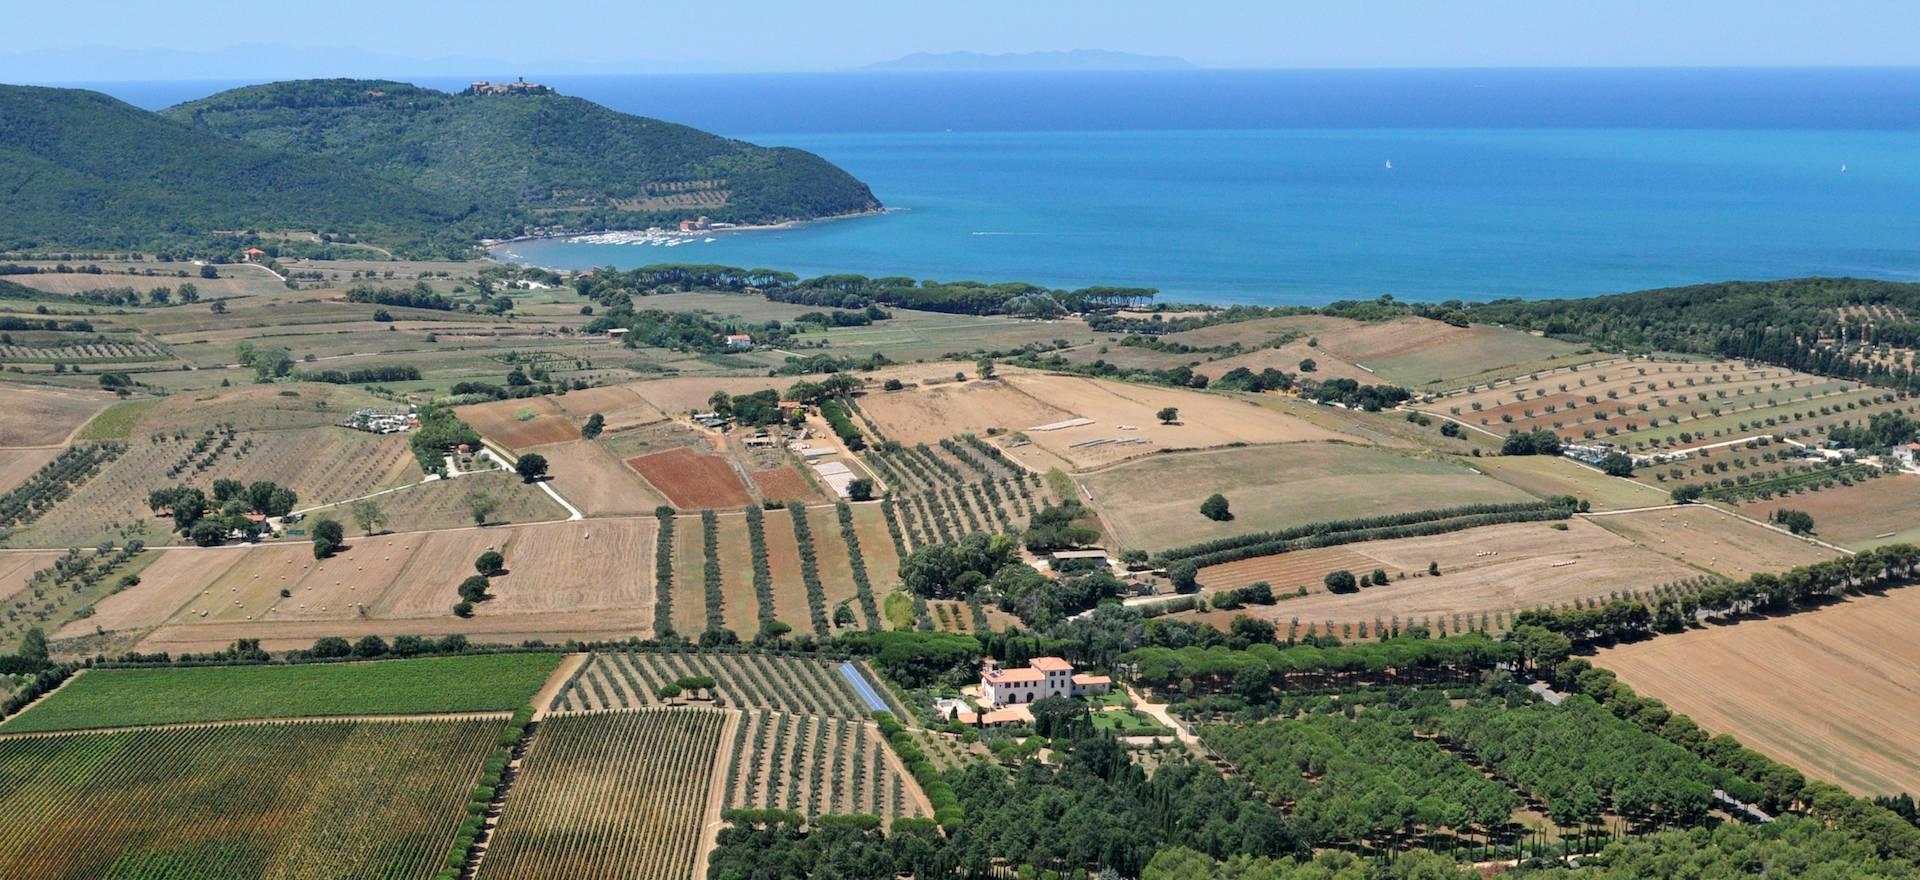 Glamping Toscane in een agriturismo 2 km van het strand